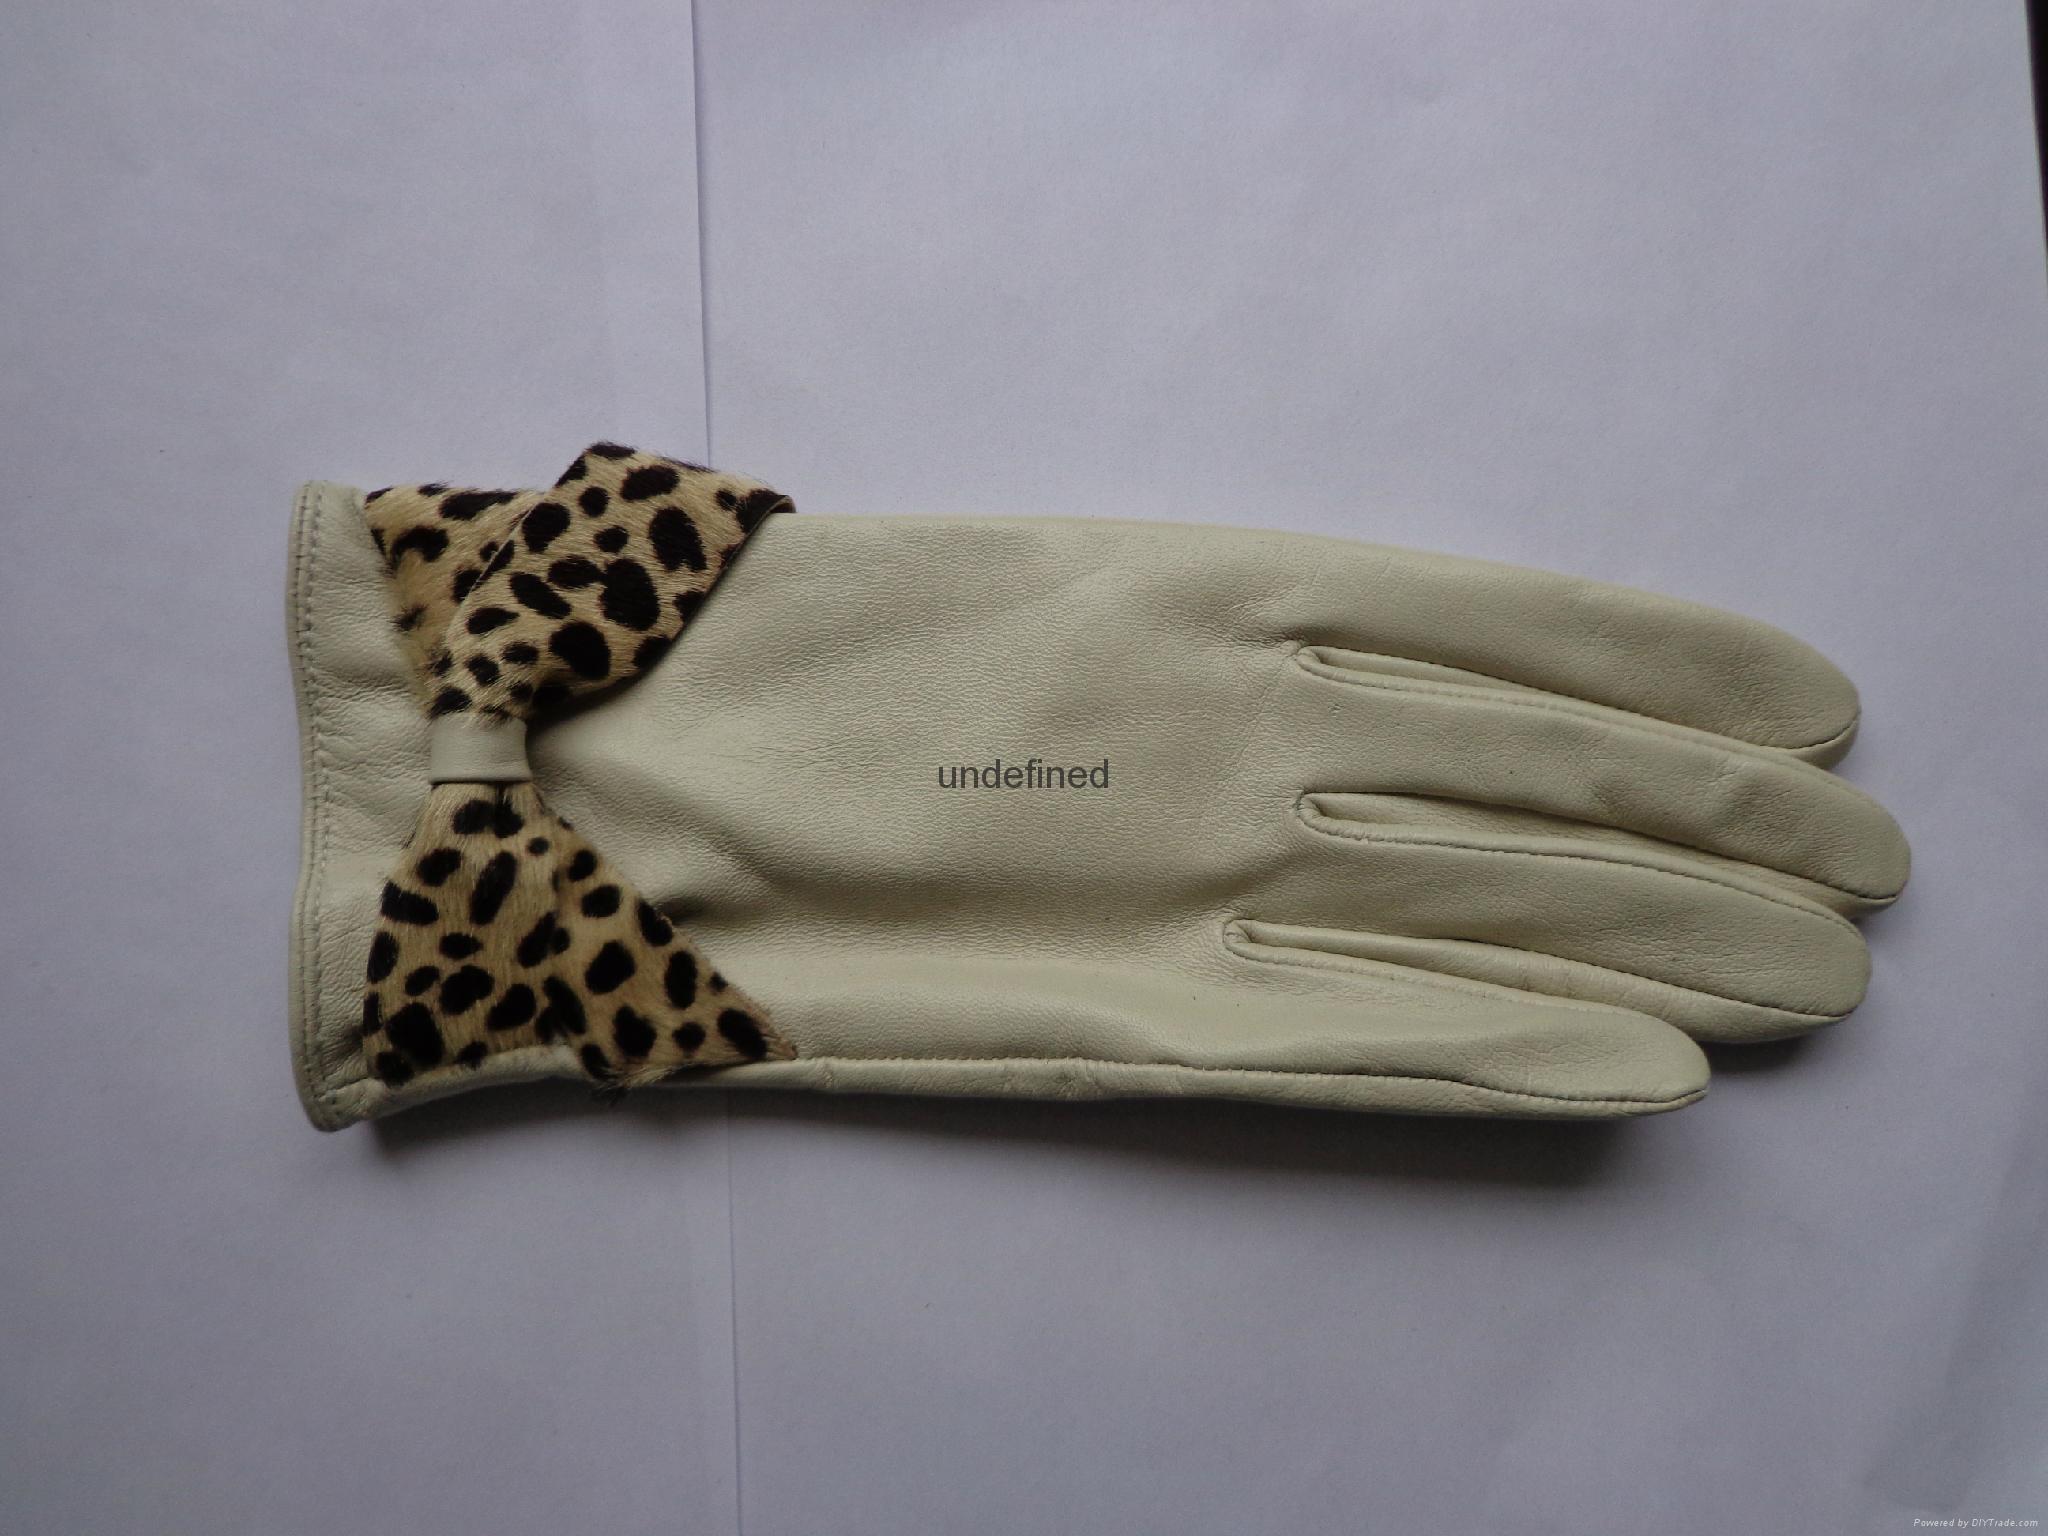 供應時尚保暖皮手套 5